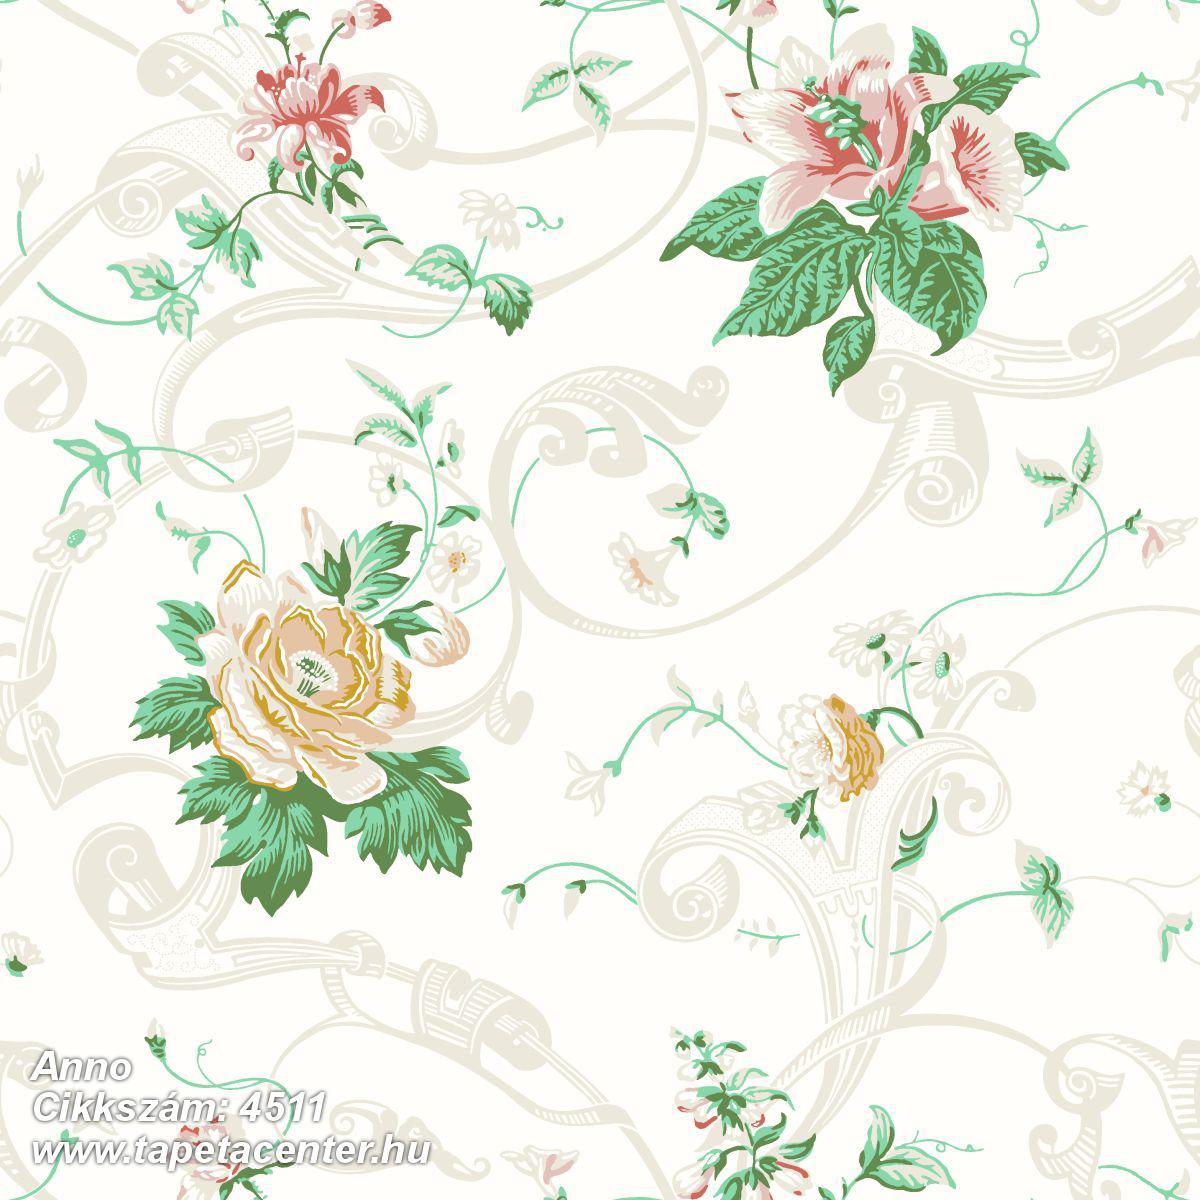 Barokk-klasszikus,rajzolt,virágmintás,fehér,piros-bordó,sárga,zöld,lemosható,vlies tapéta